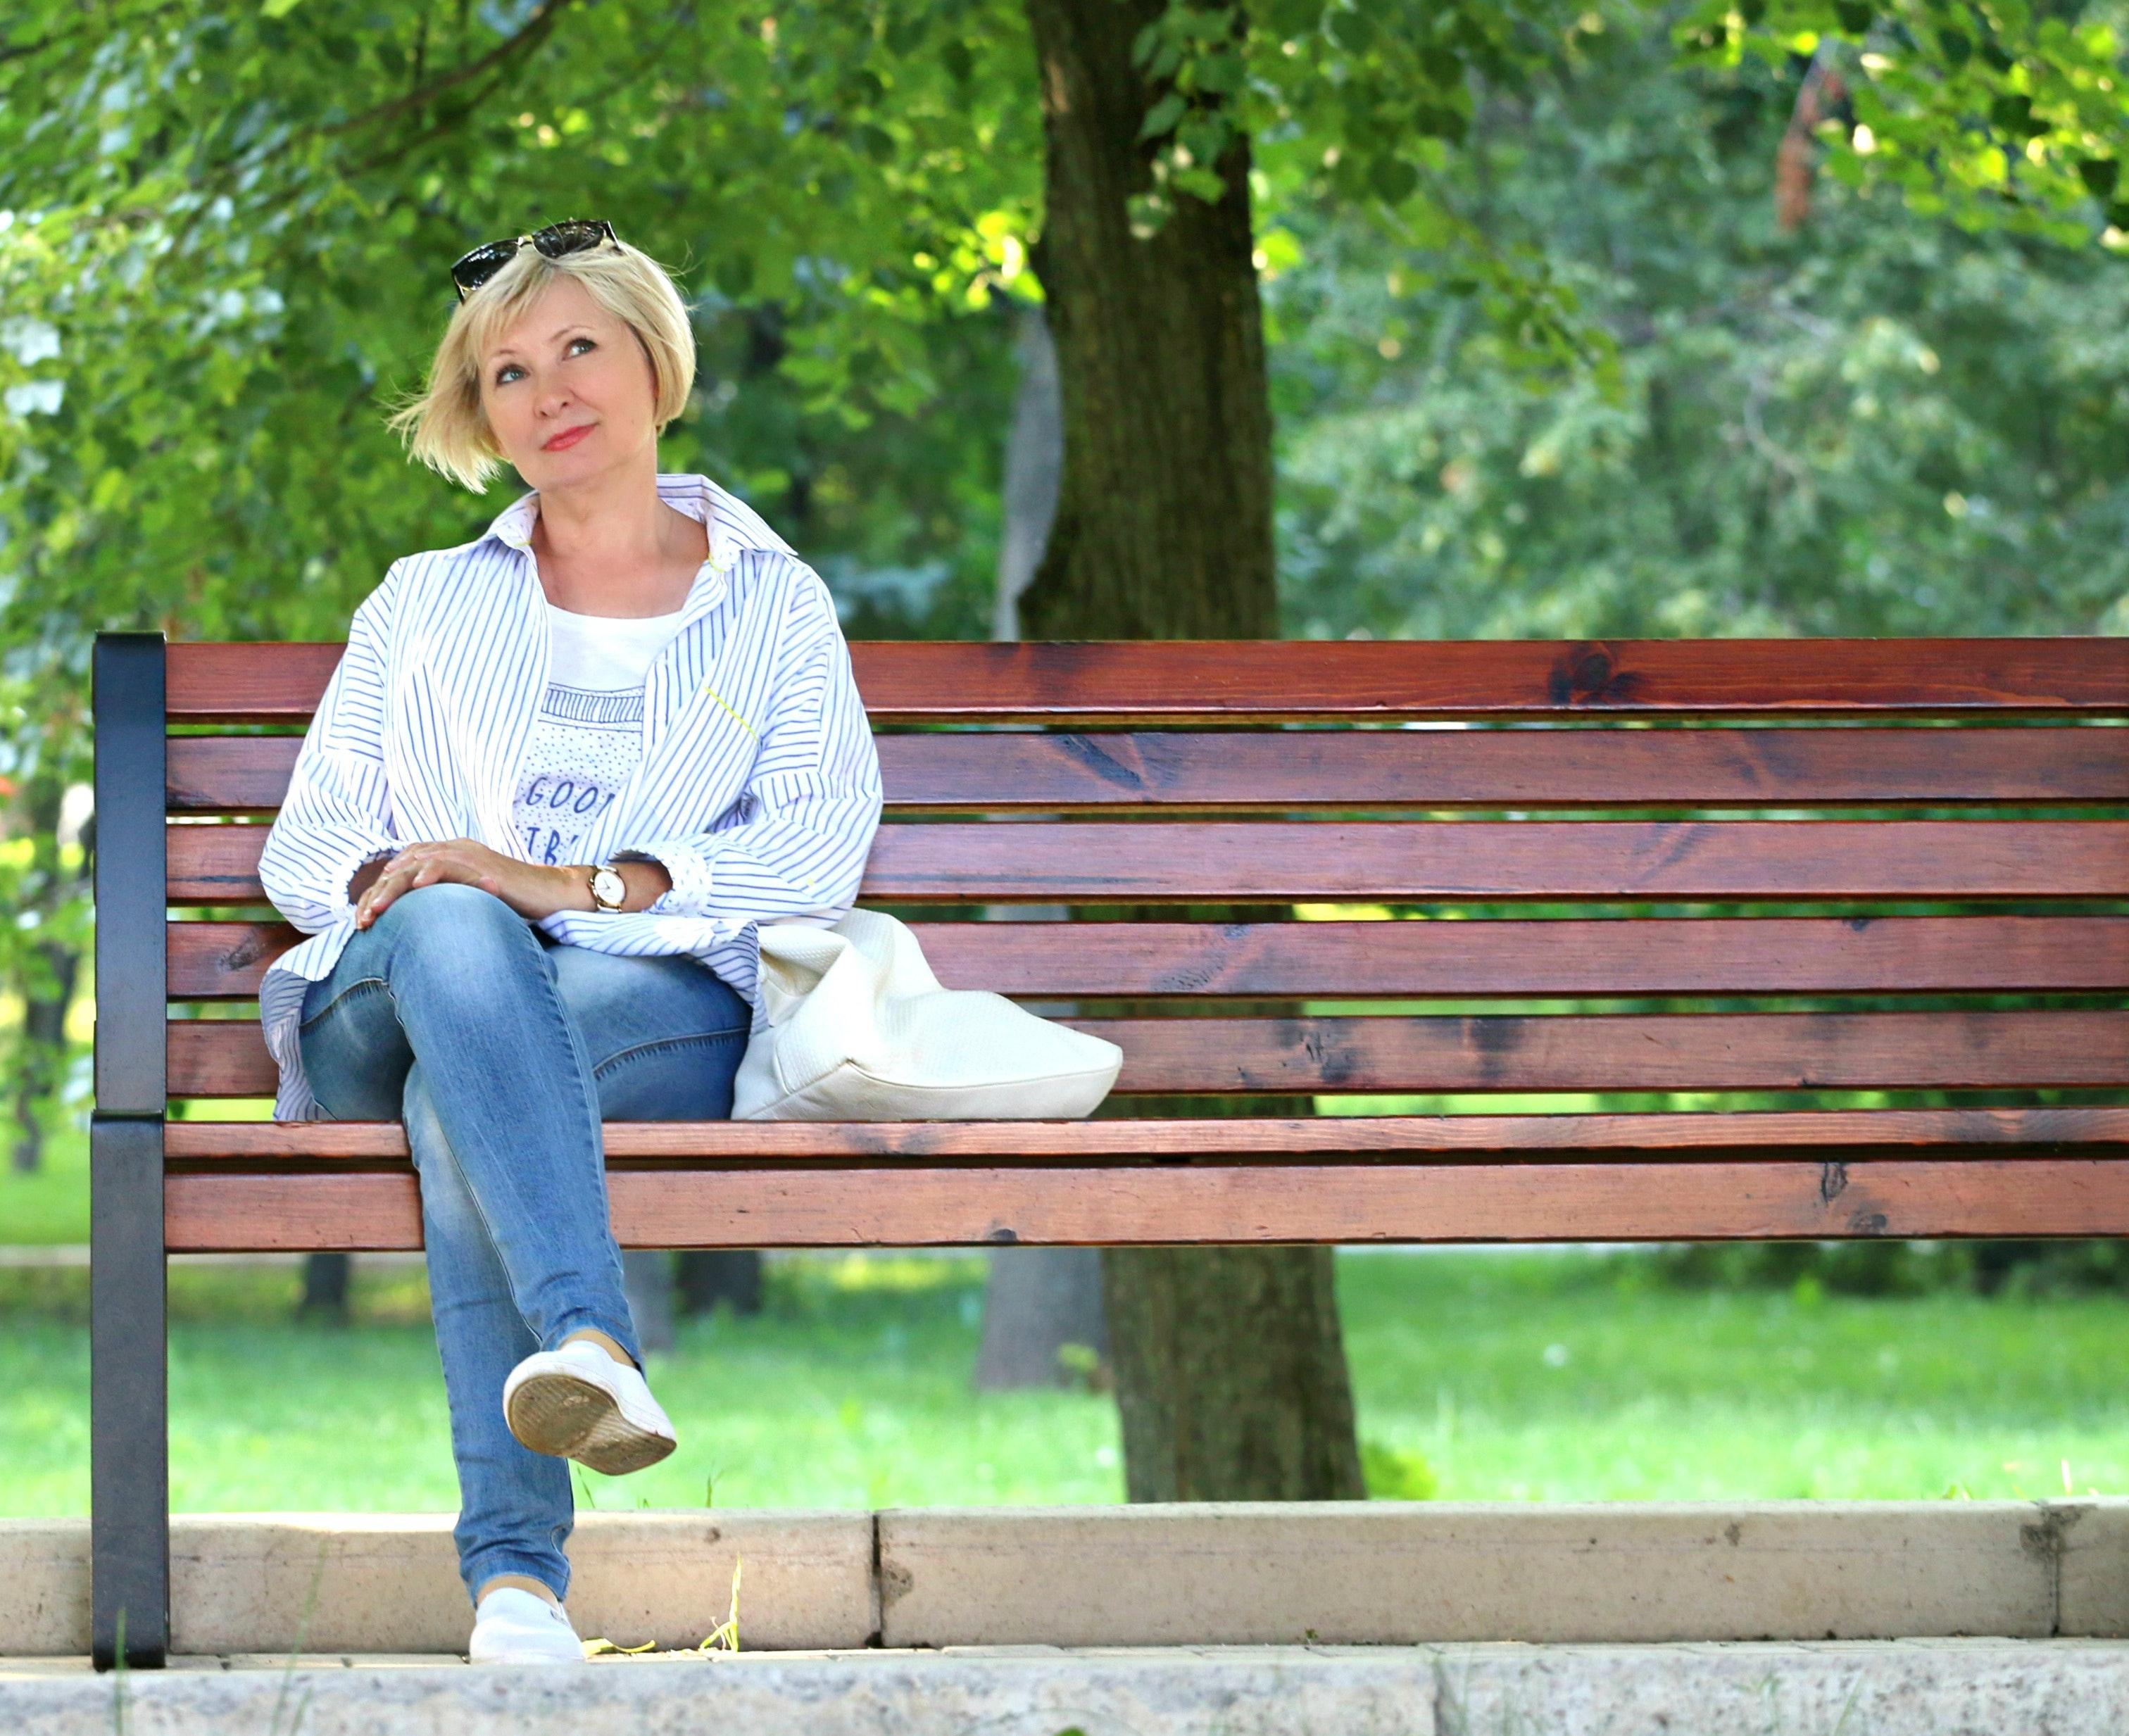 femeie 50 ani